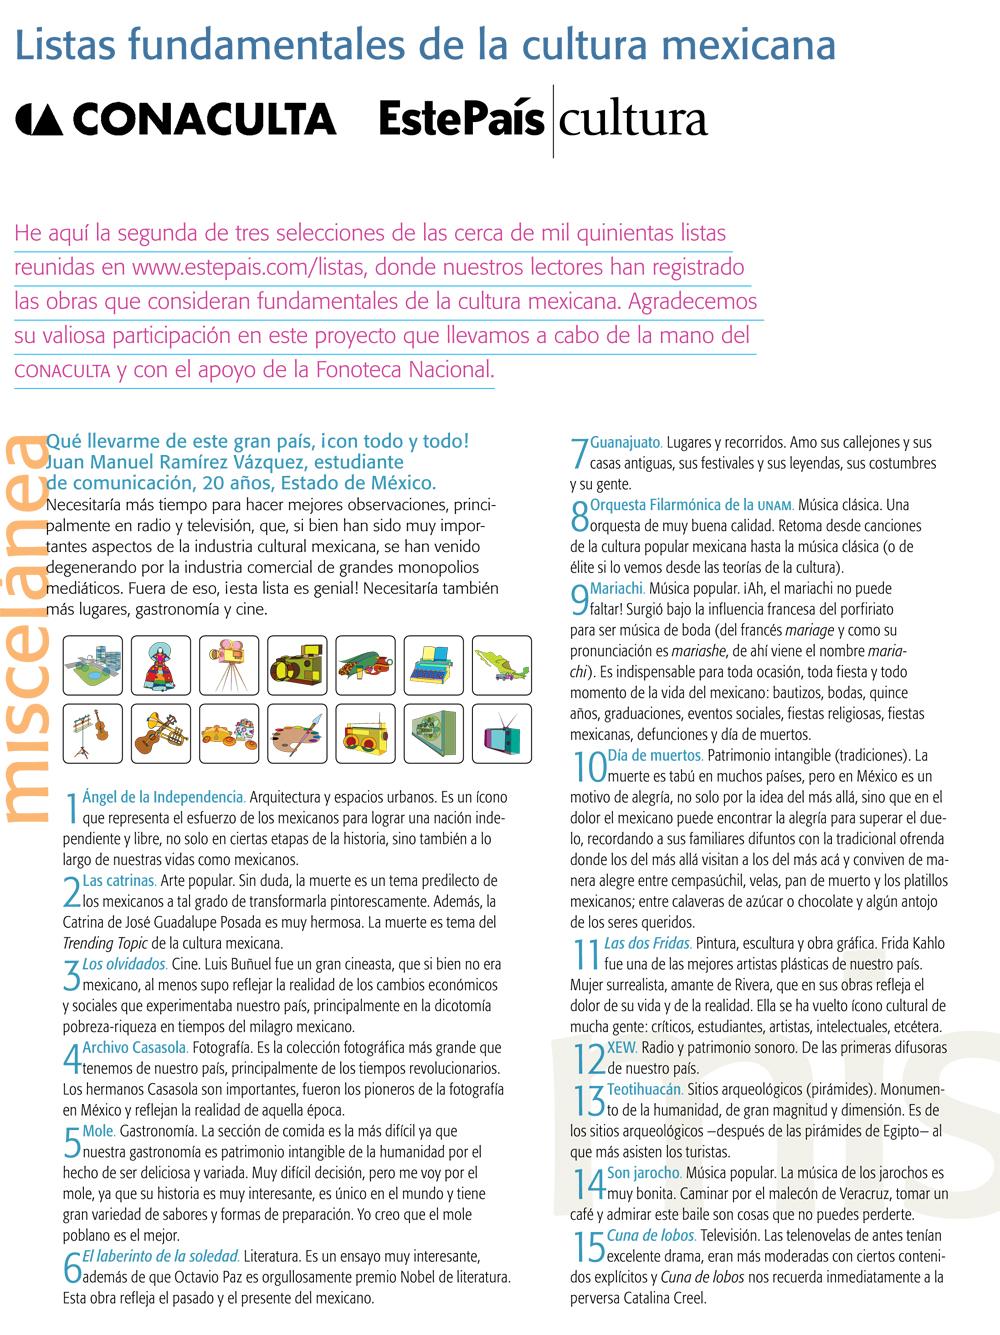 pag-28-29-EP-Cultura-77-feb-1